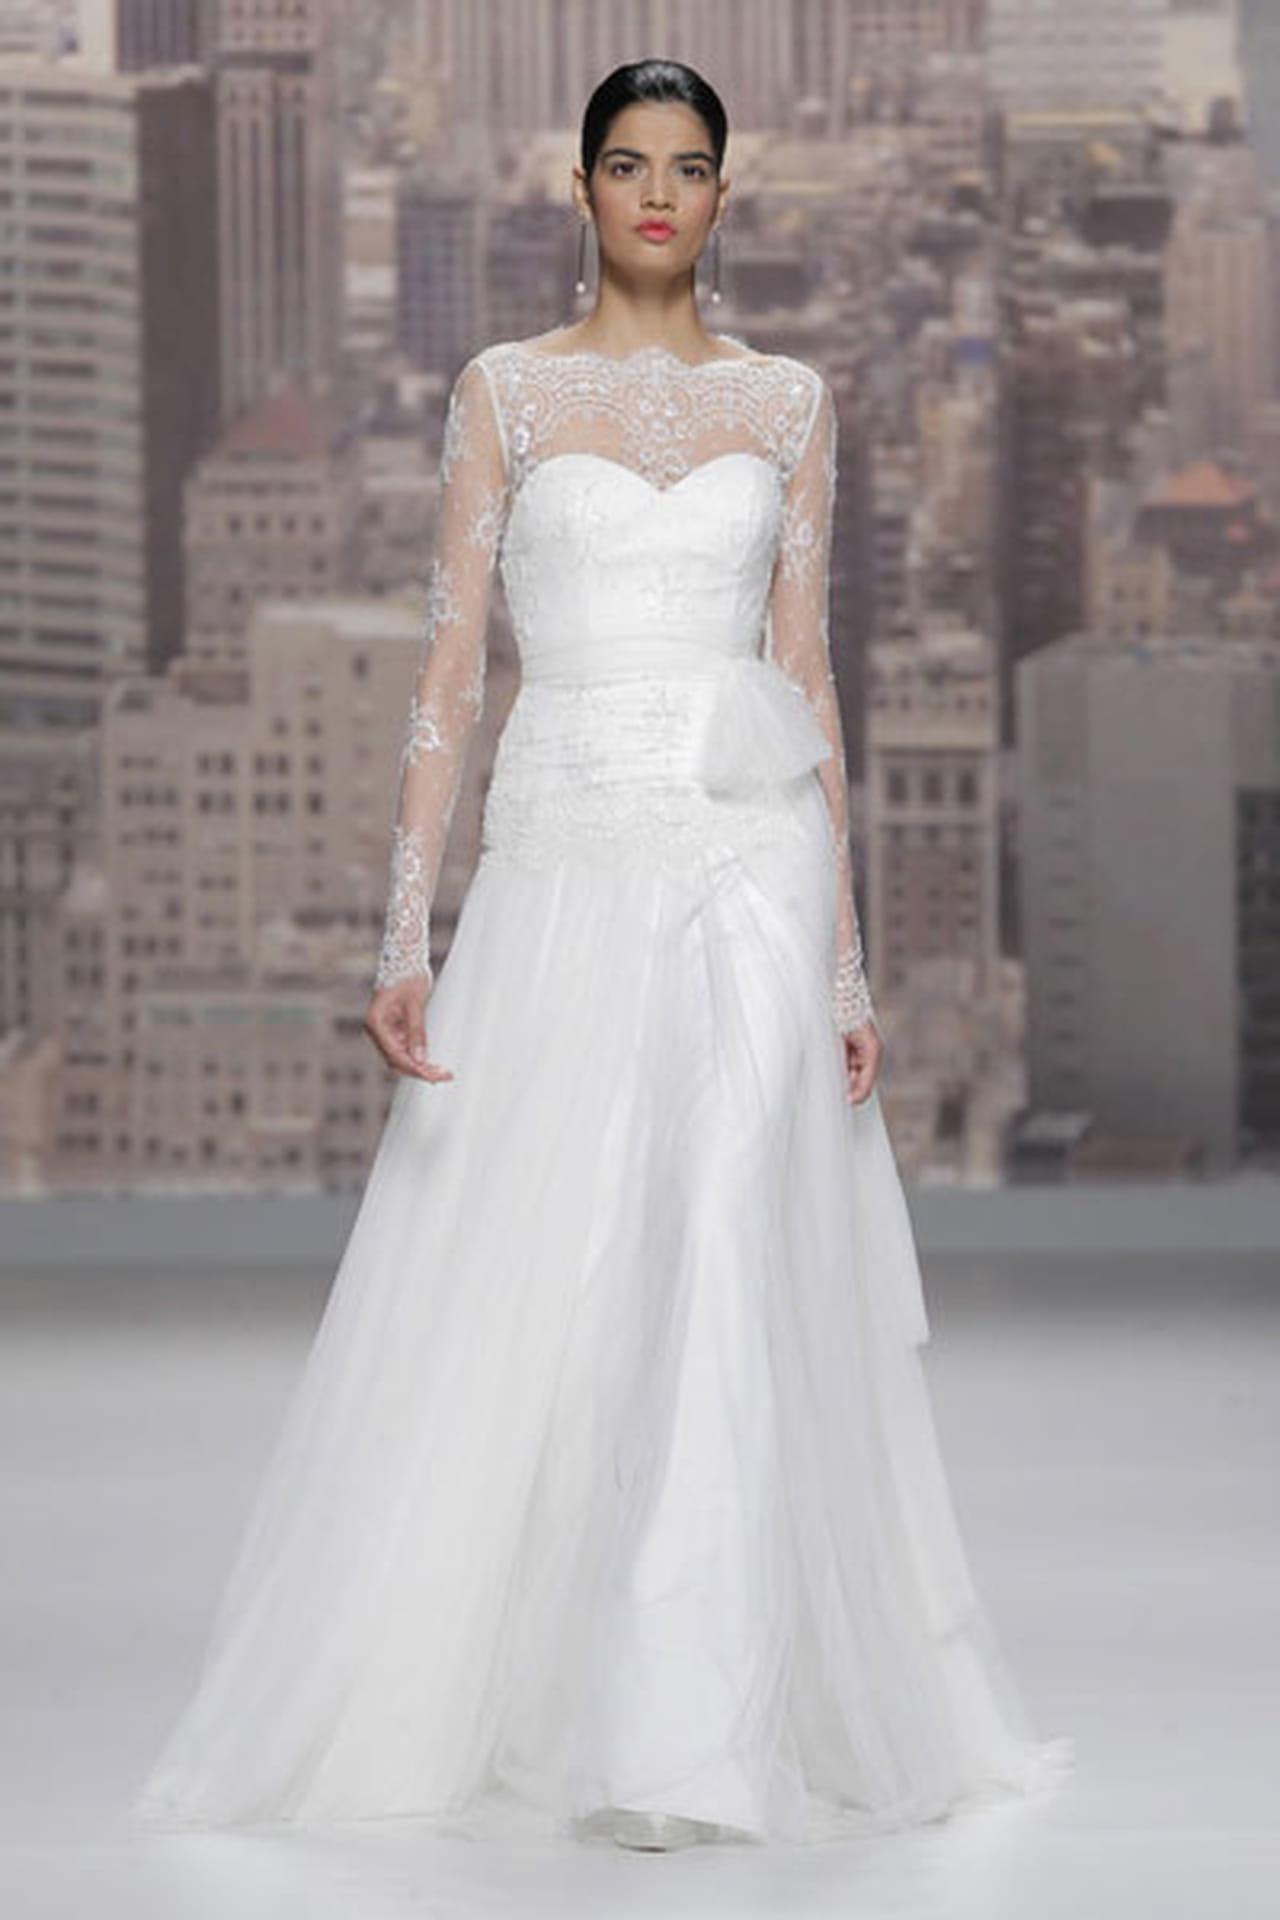 تصاميم حالمة في فساتين زفاف 820498